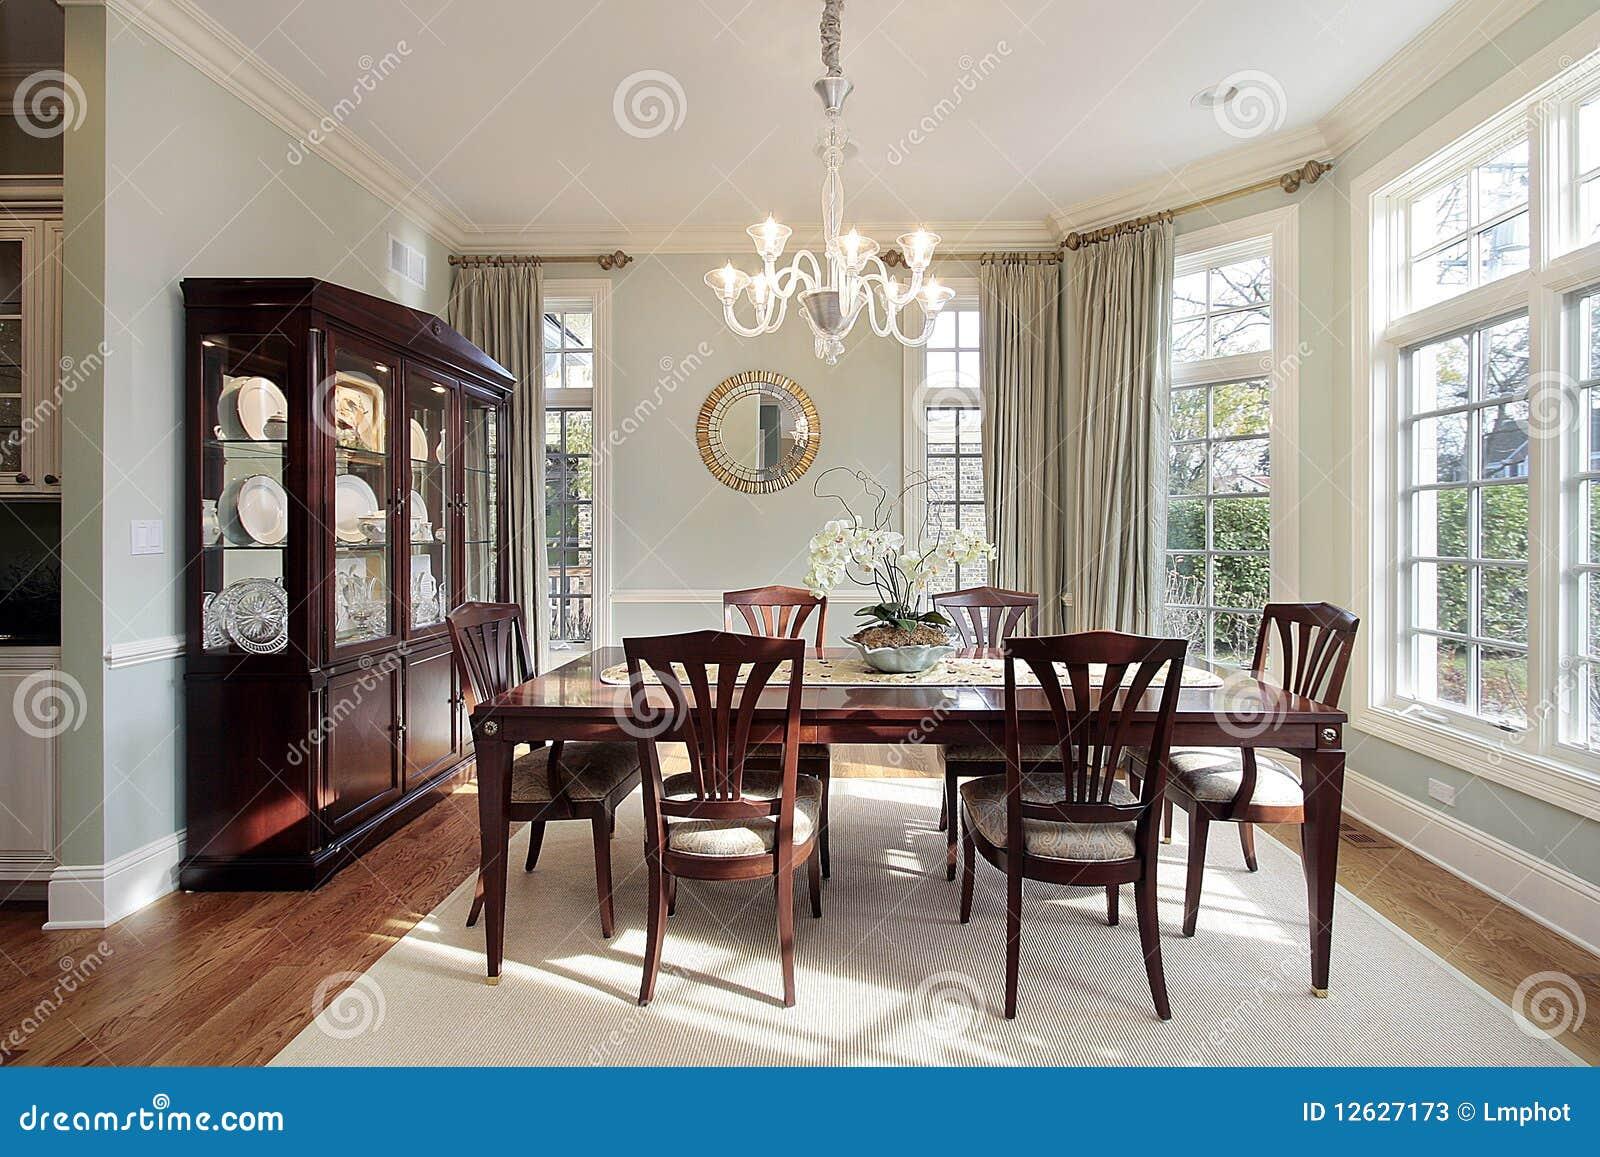 salle manger avec des fen tres en saillie image stock image du lumi re ameublement 12627173. Black Bedroom Furniture Sets. Home Design Ideas